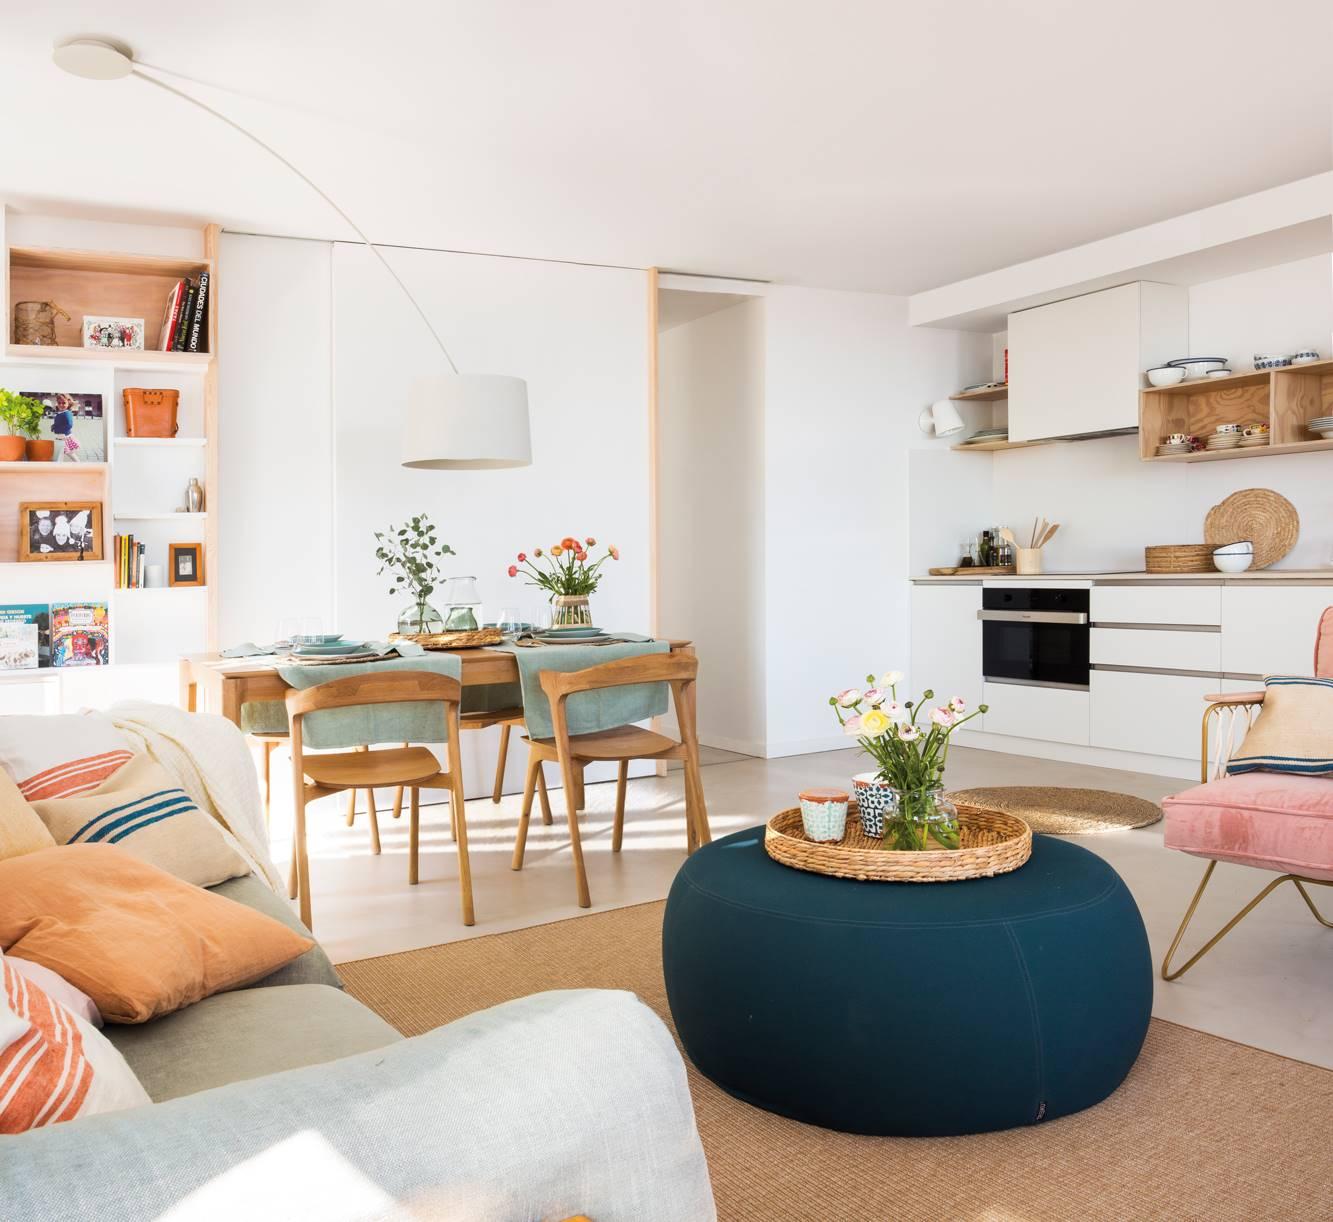 10 ideas de decoración para apartamentos pequeños